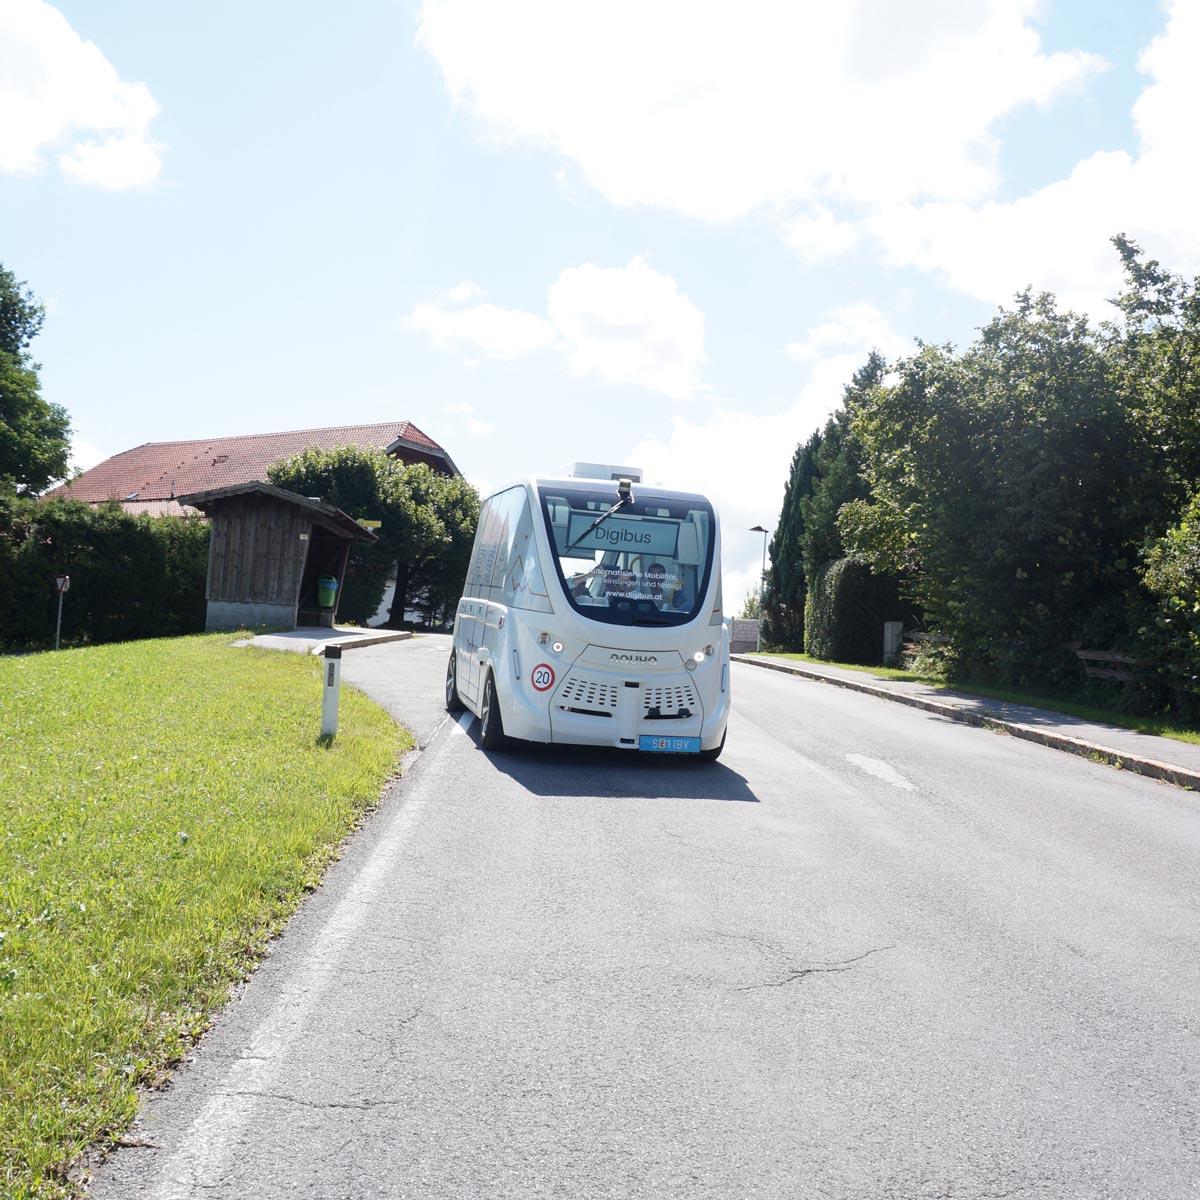 Digibus - Erste Tests für selbstfahrende Autos haben in Österreich in Koppl nahe Salzburg stattgefunden.